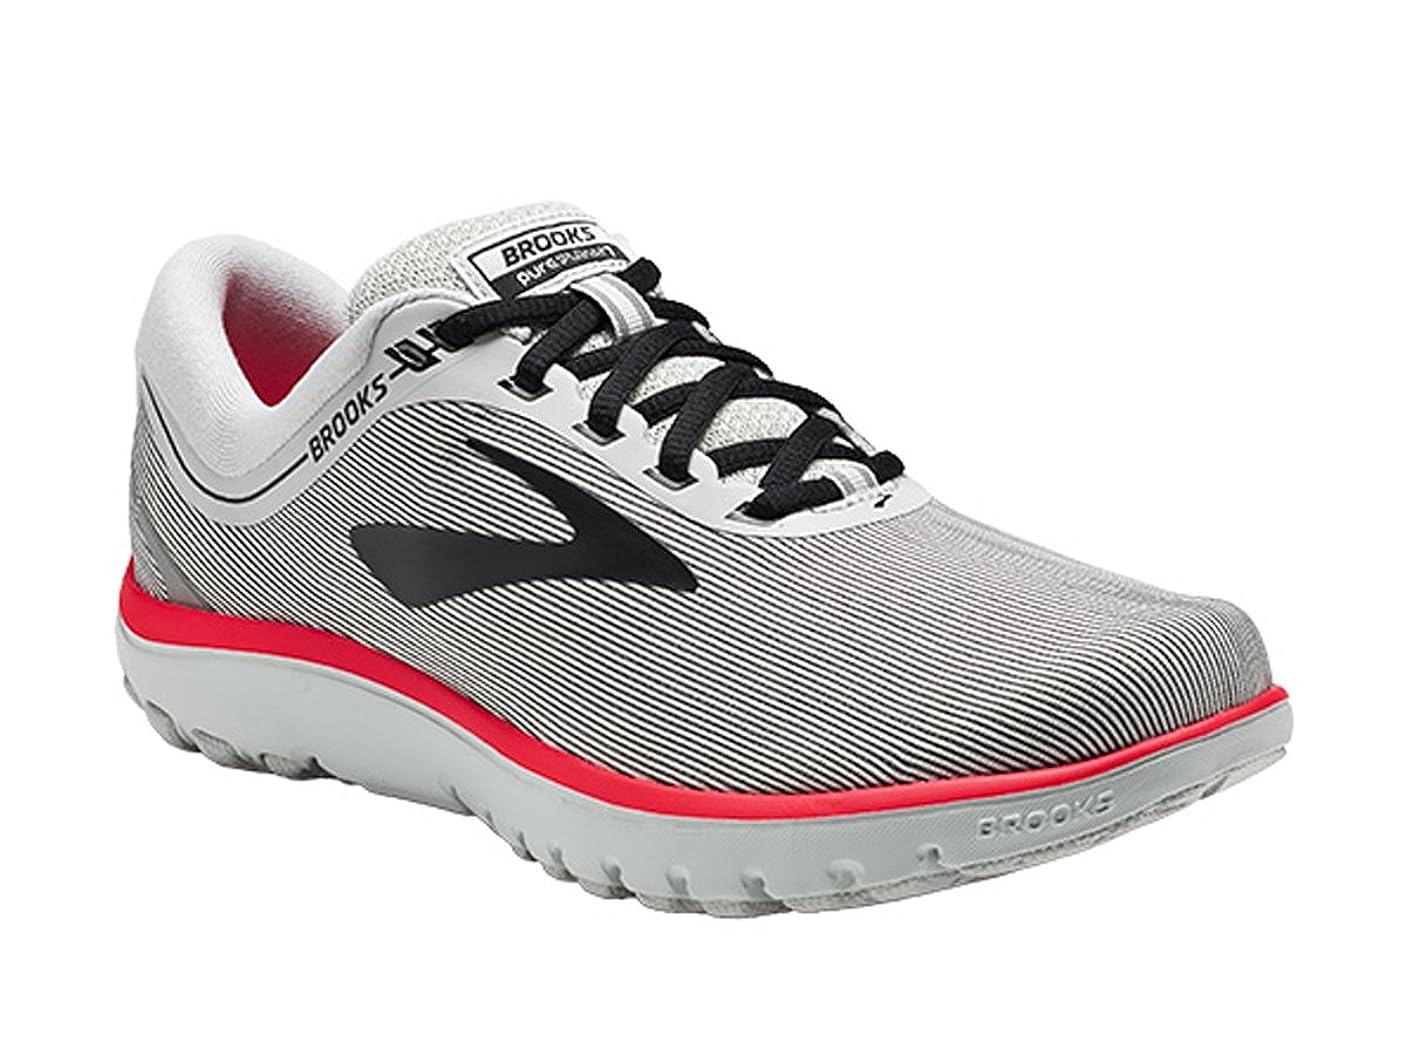 言い訳一過性脈拍Brooks(ブルックス) レディース 女性用 シューズ 靴 スニーカー 運動靴 PureFlow 7 - Grey/Black/Pink [並行輸入品]